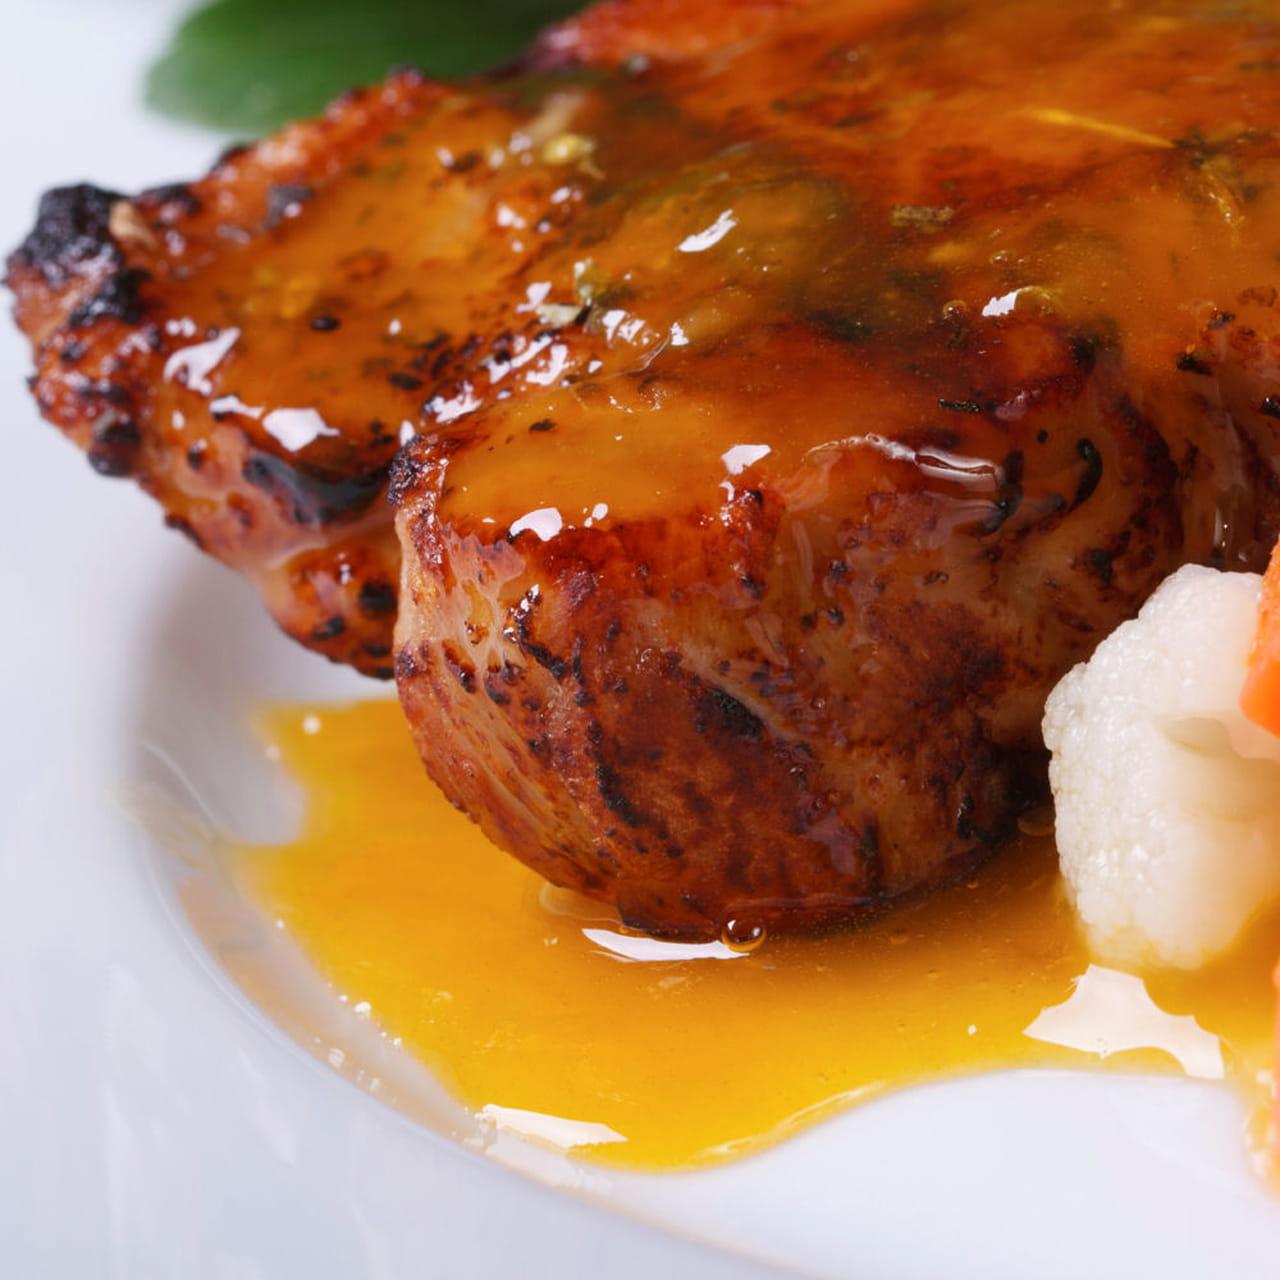 Ricetta filetto di maiale all 39 arancia - Filetto di maiale al porto ...